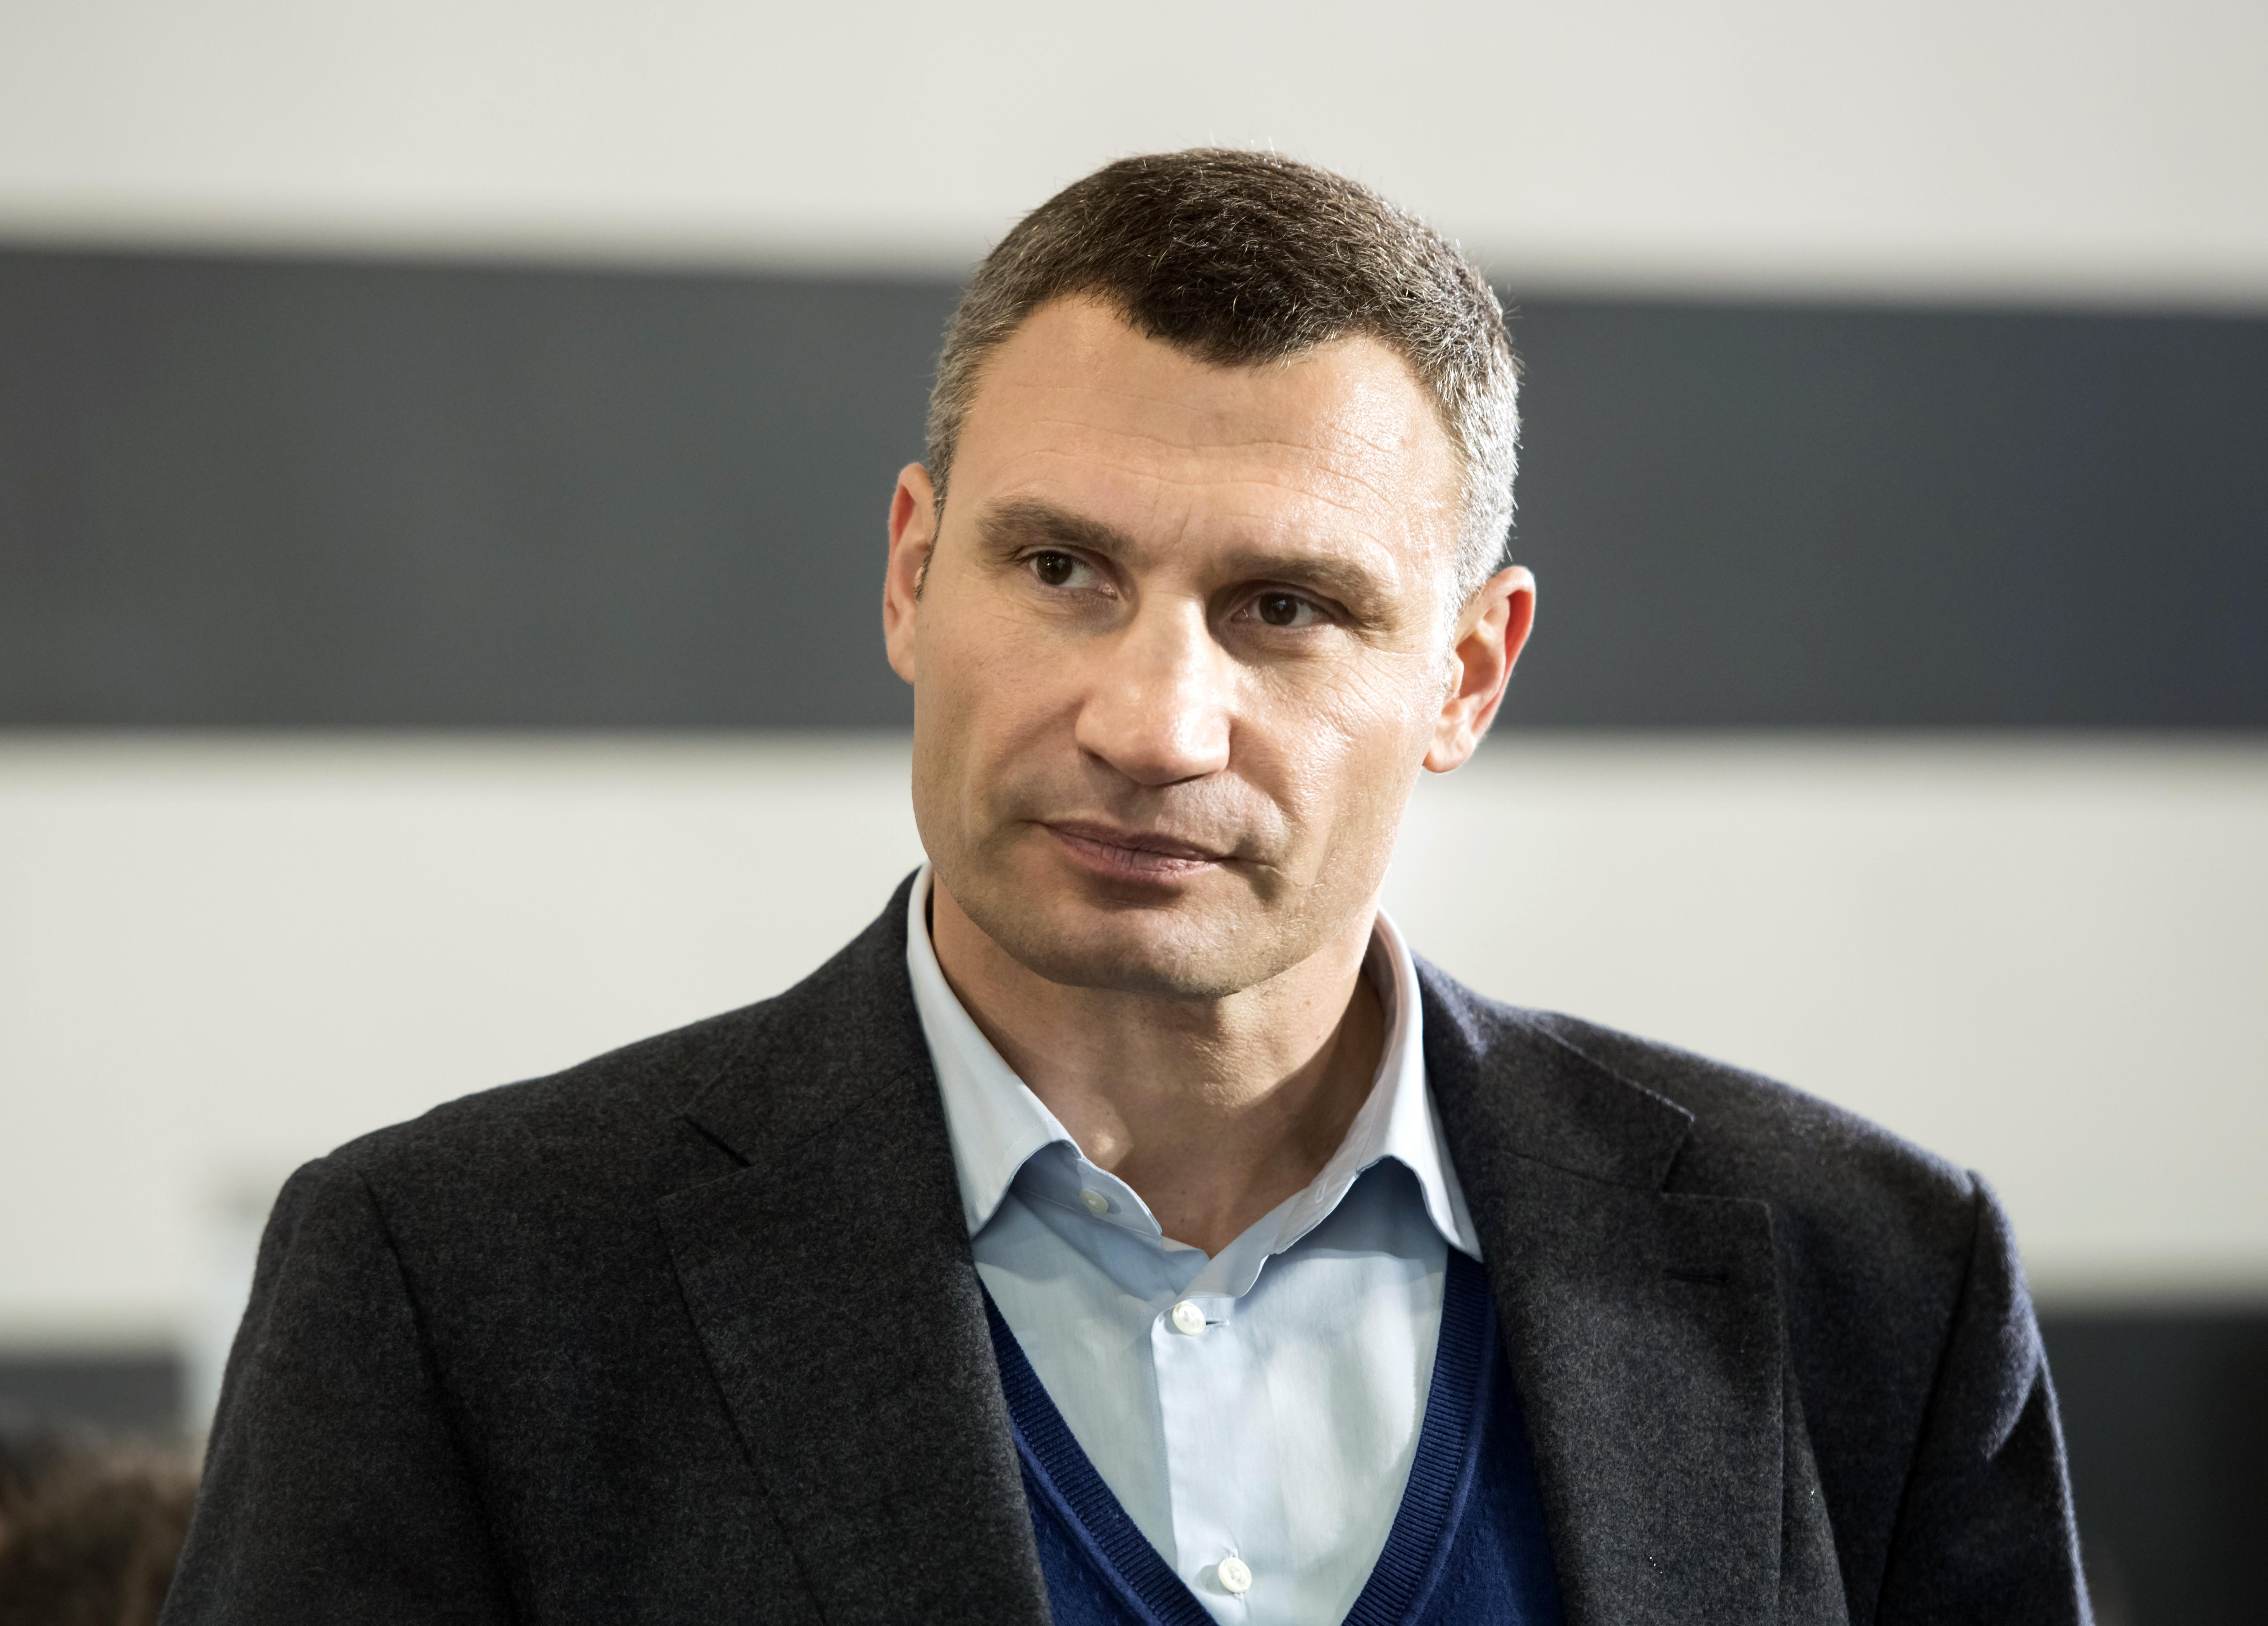 Кличко объявил о90-процентной готовности украинской столицы котопительному сезону